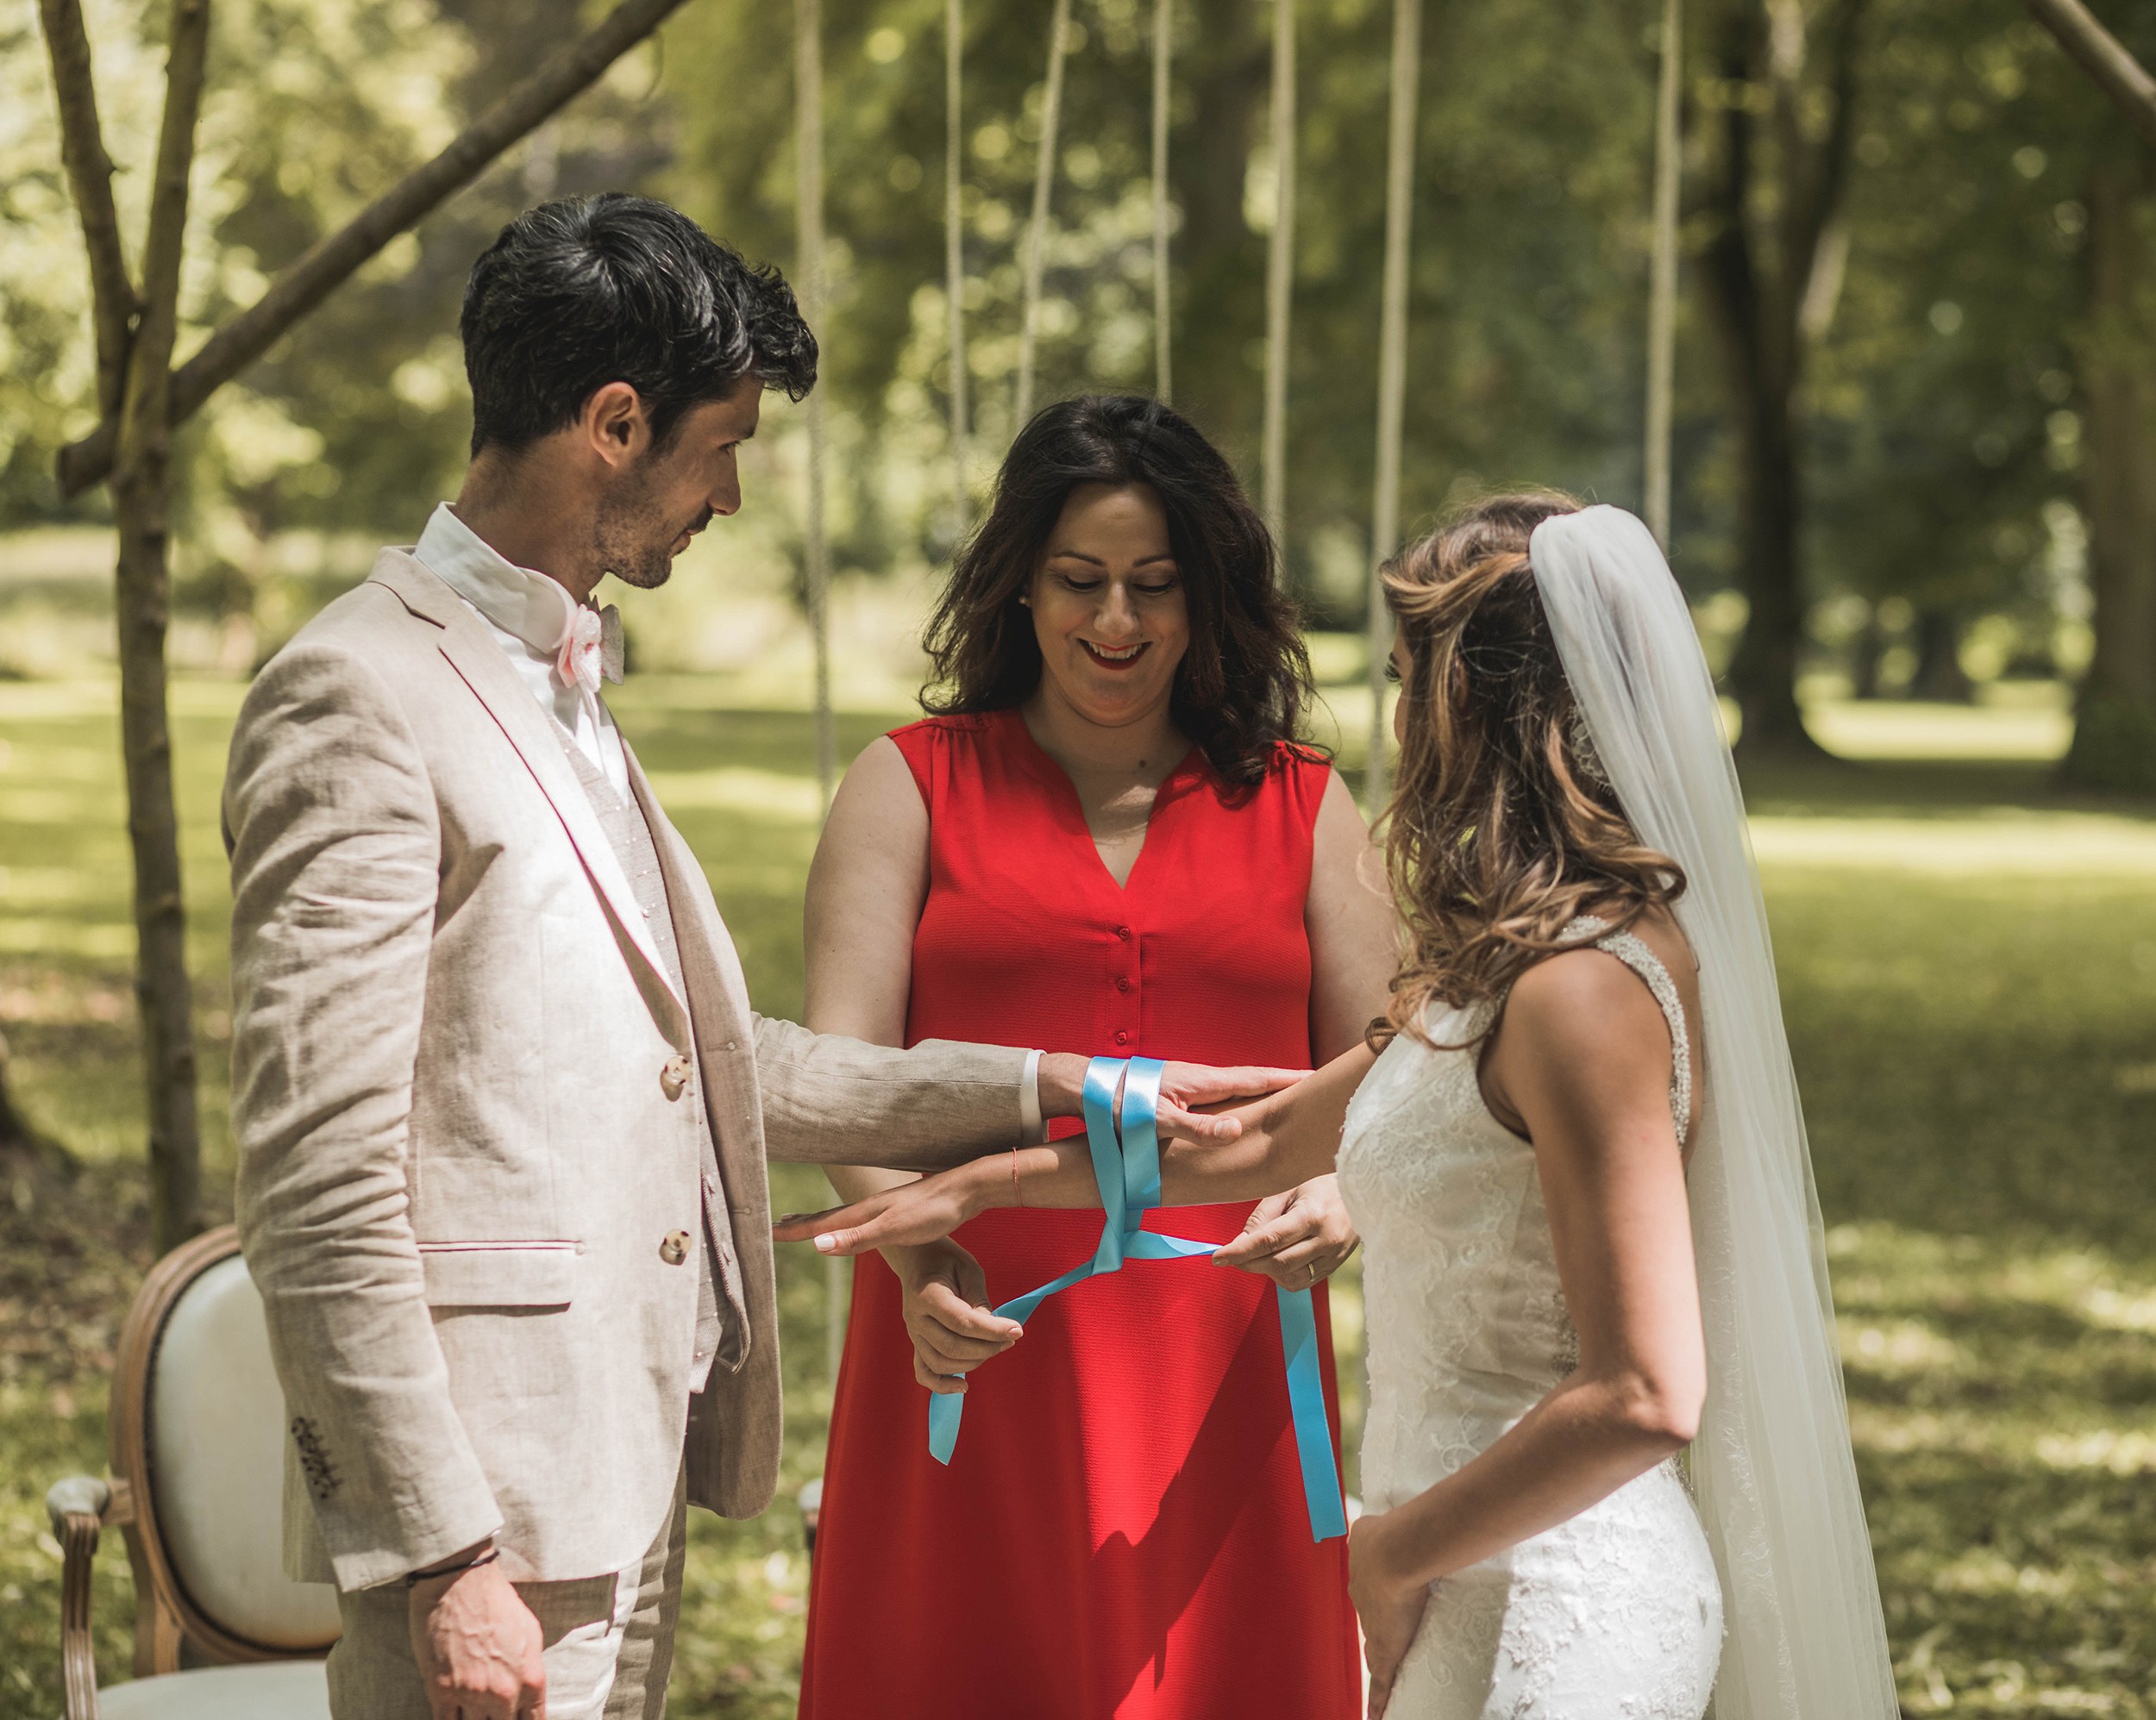 Mariage : interview vidéo avec Agnès pour une cérémonie parfaite